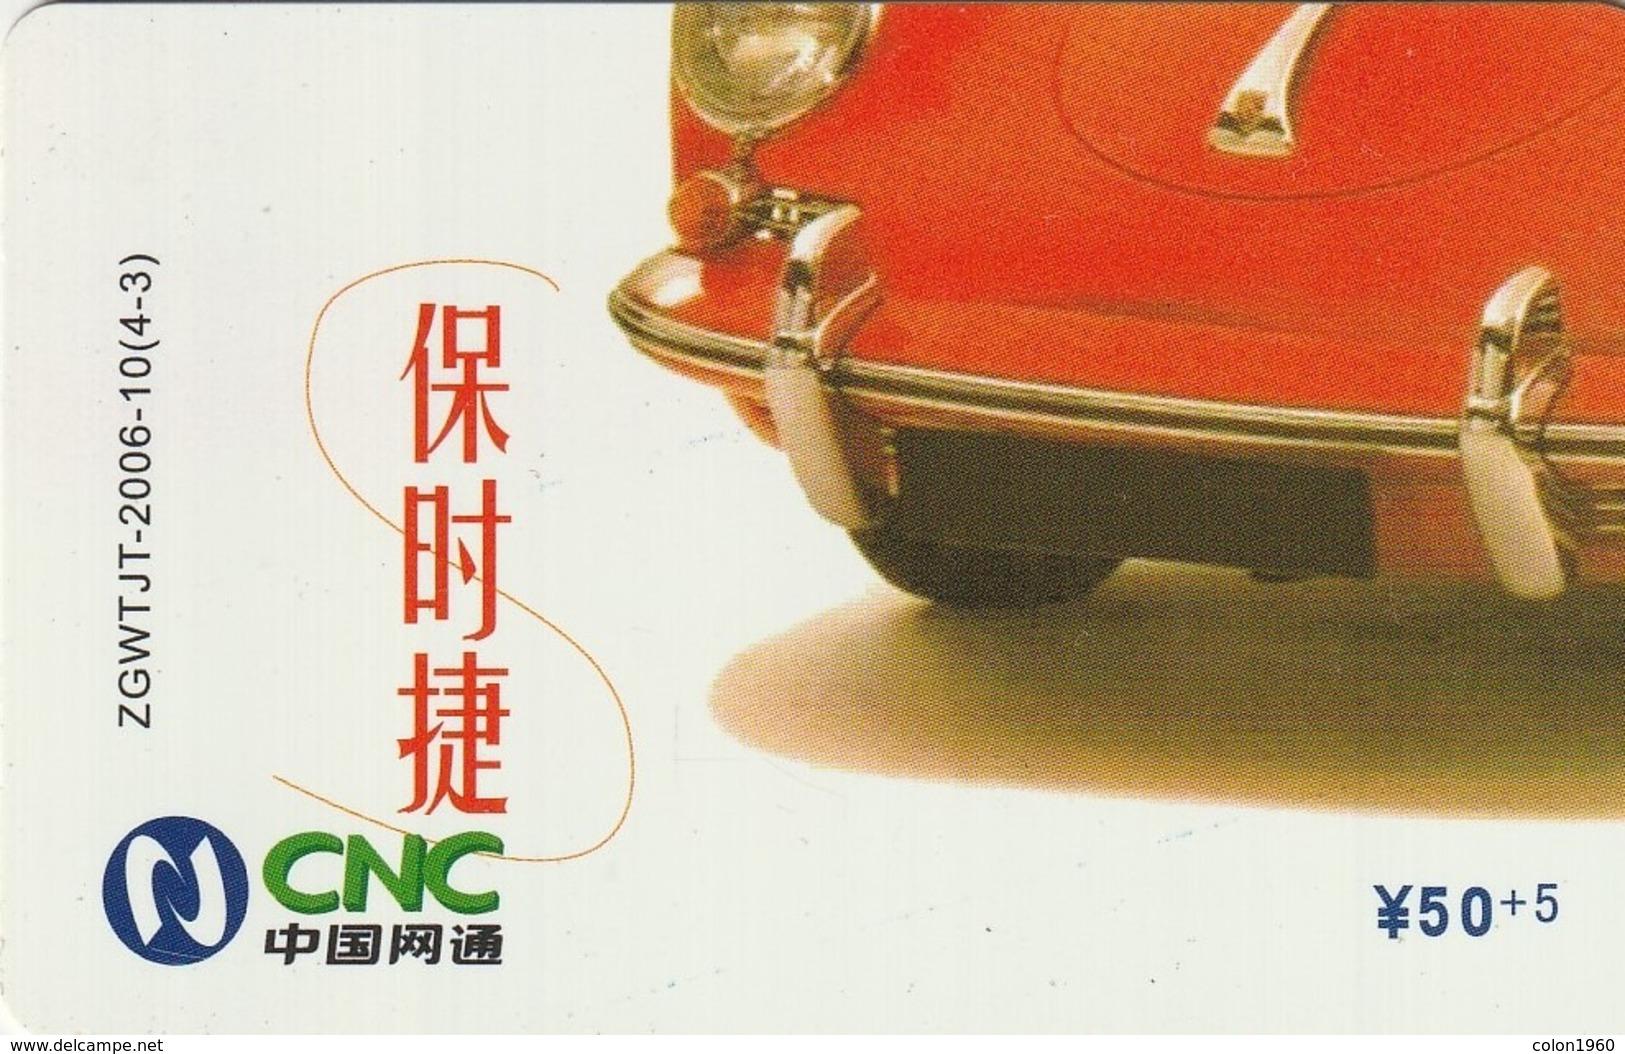 CHINA. COCA COLA. COCHE, PORSCHE 356. ZGWTJT-2006-10(4-3). (187). - Puzzles